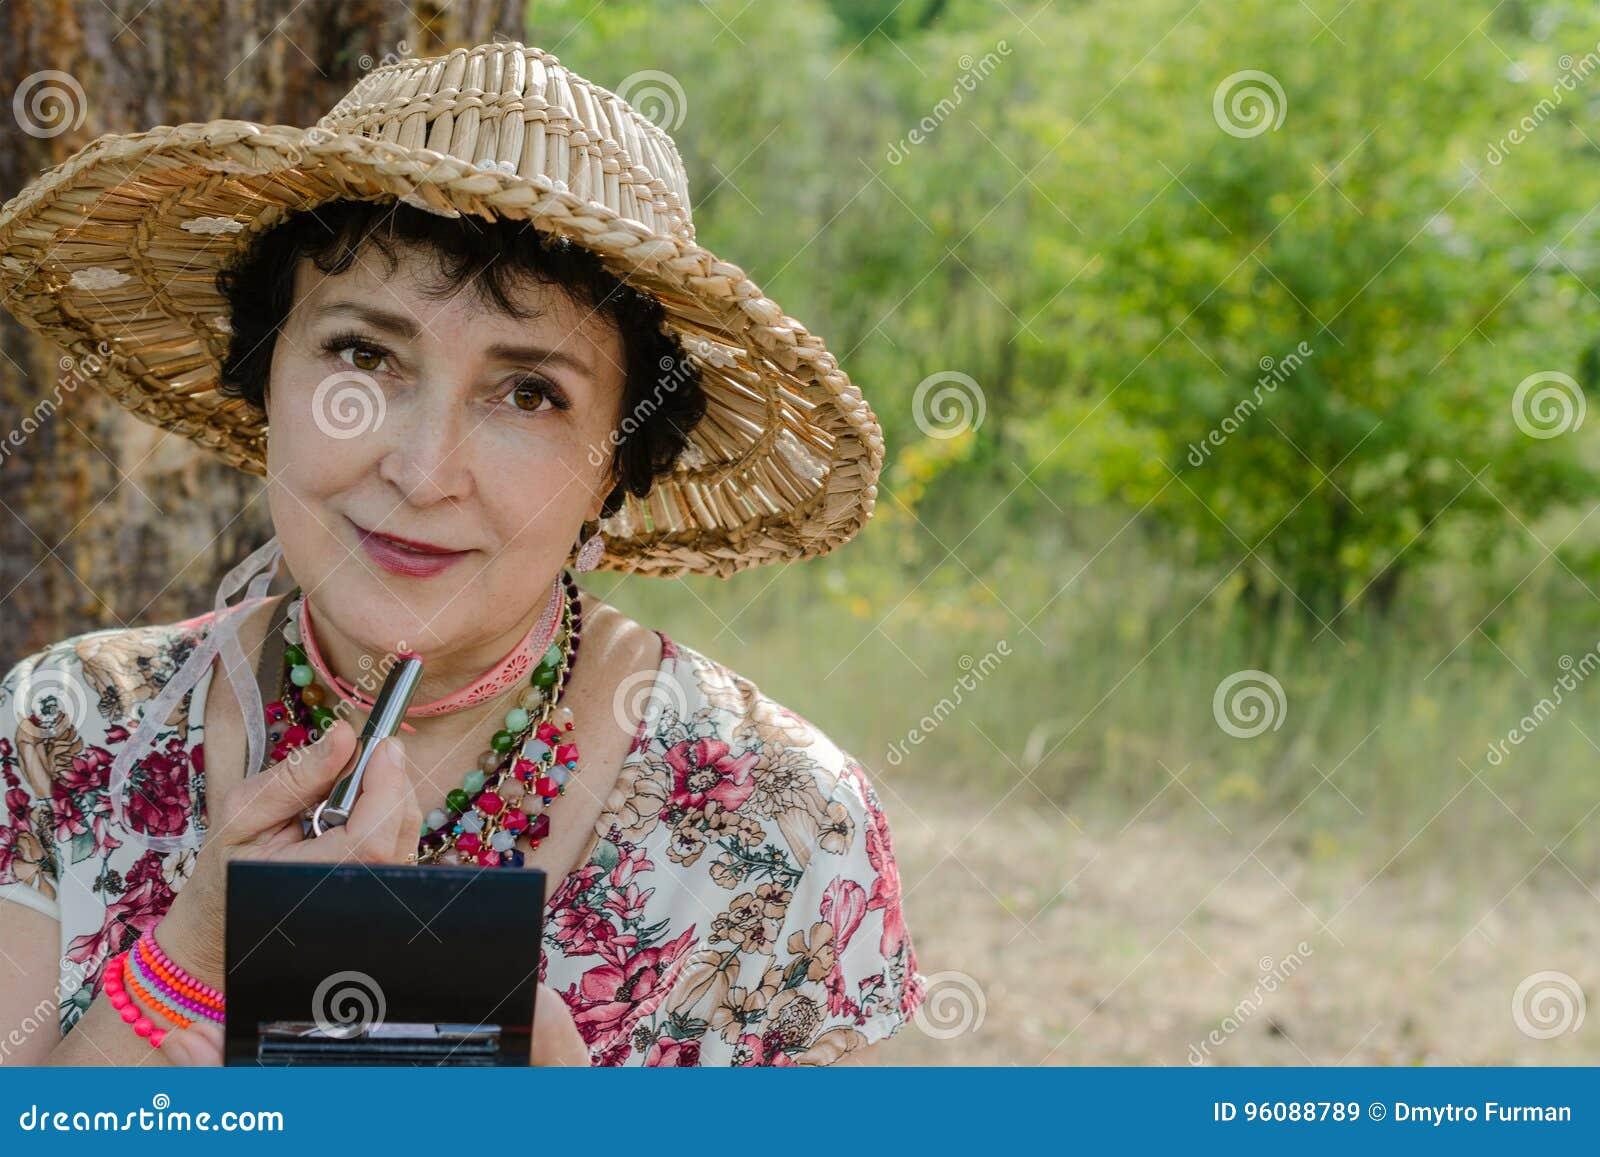 Η γυναίκα που φορά ένα καπέλο αχύρου, χρησιμοποιεί το κραγιόν της στη φύση